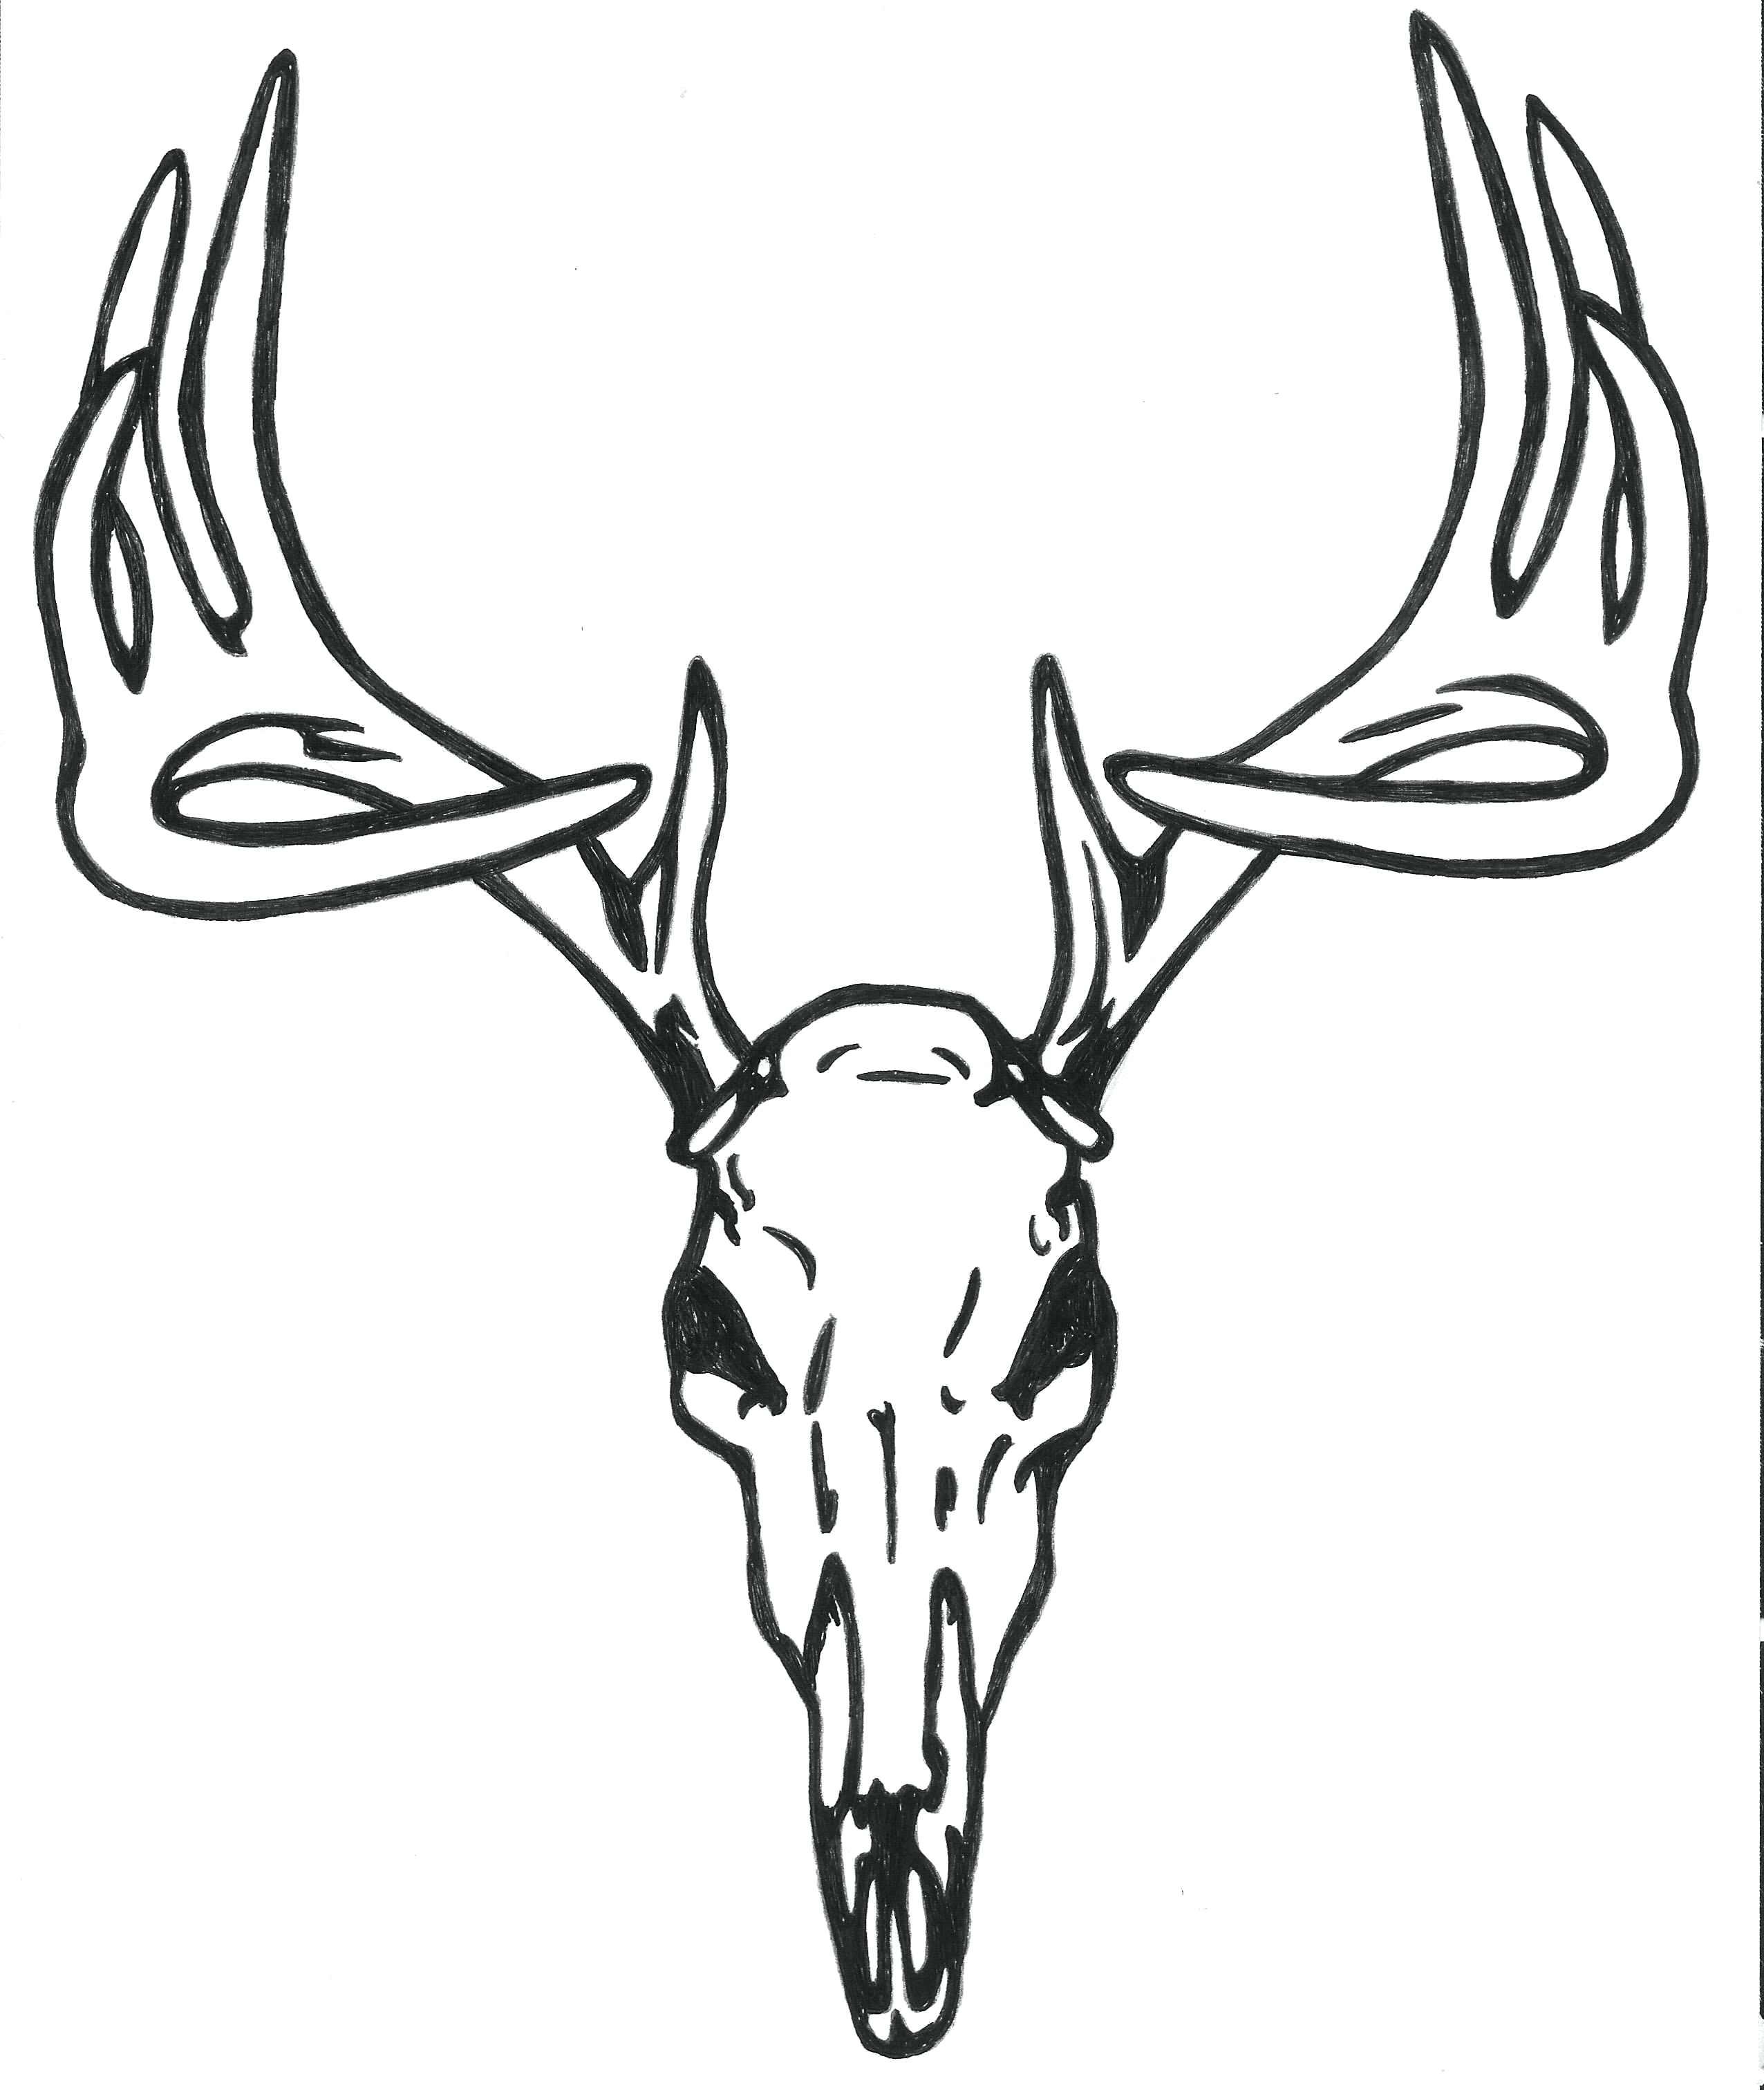 Deer Drawing Outline at GetDrawings.com | Free for personal use Deer ...